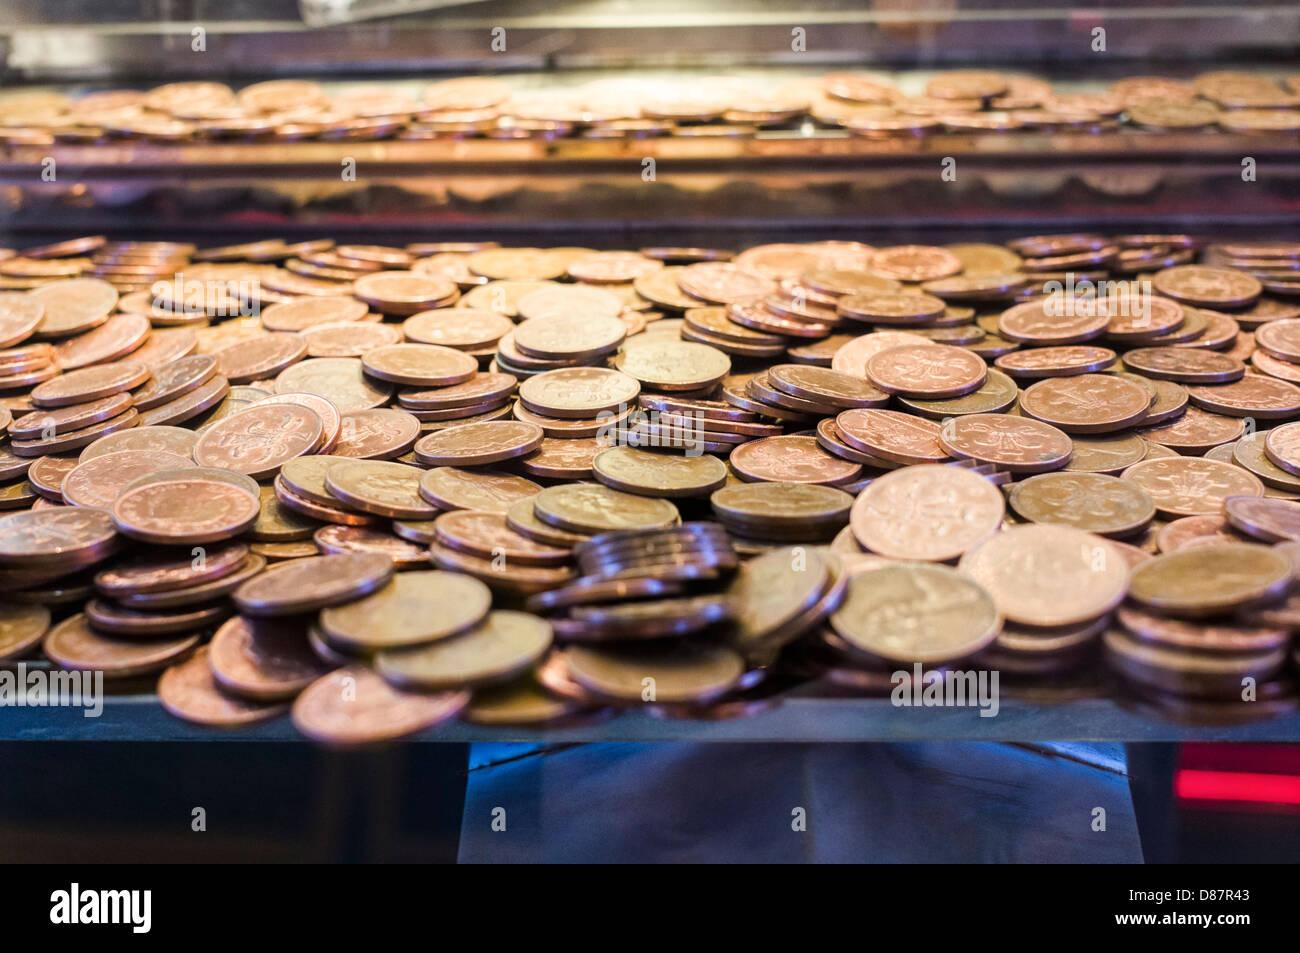 Close up of 2p pièces dans une salle de jeux électroniques penny falls machine de jeu, UK Banque D'Images